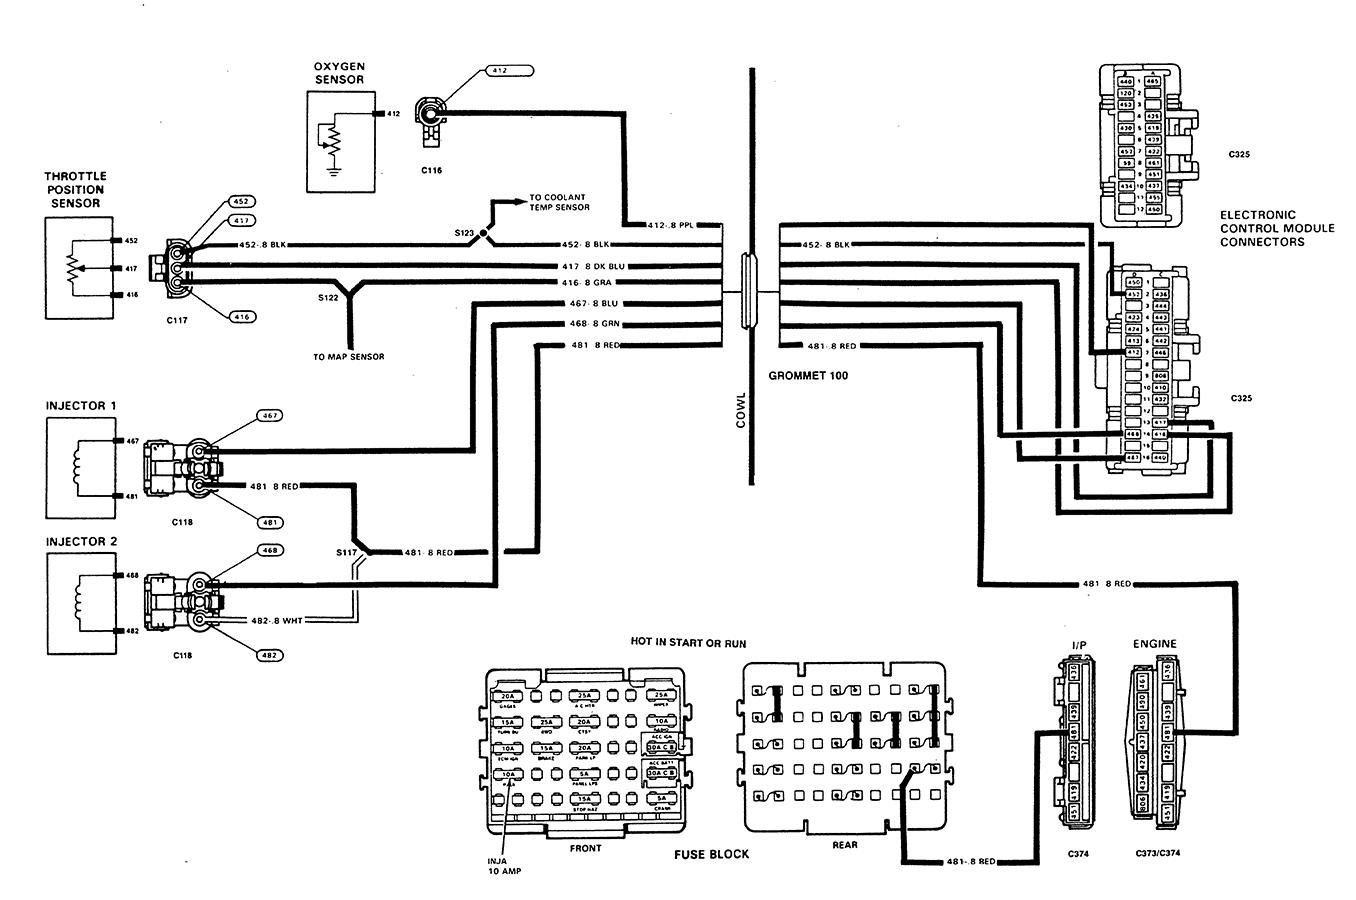 Ilsolitariothemovieit1992 Silverado Oxygen Sensor Wiring Diagram 1994dodgedakotawiringdiagram Ilsolitariothemovie It